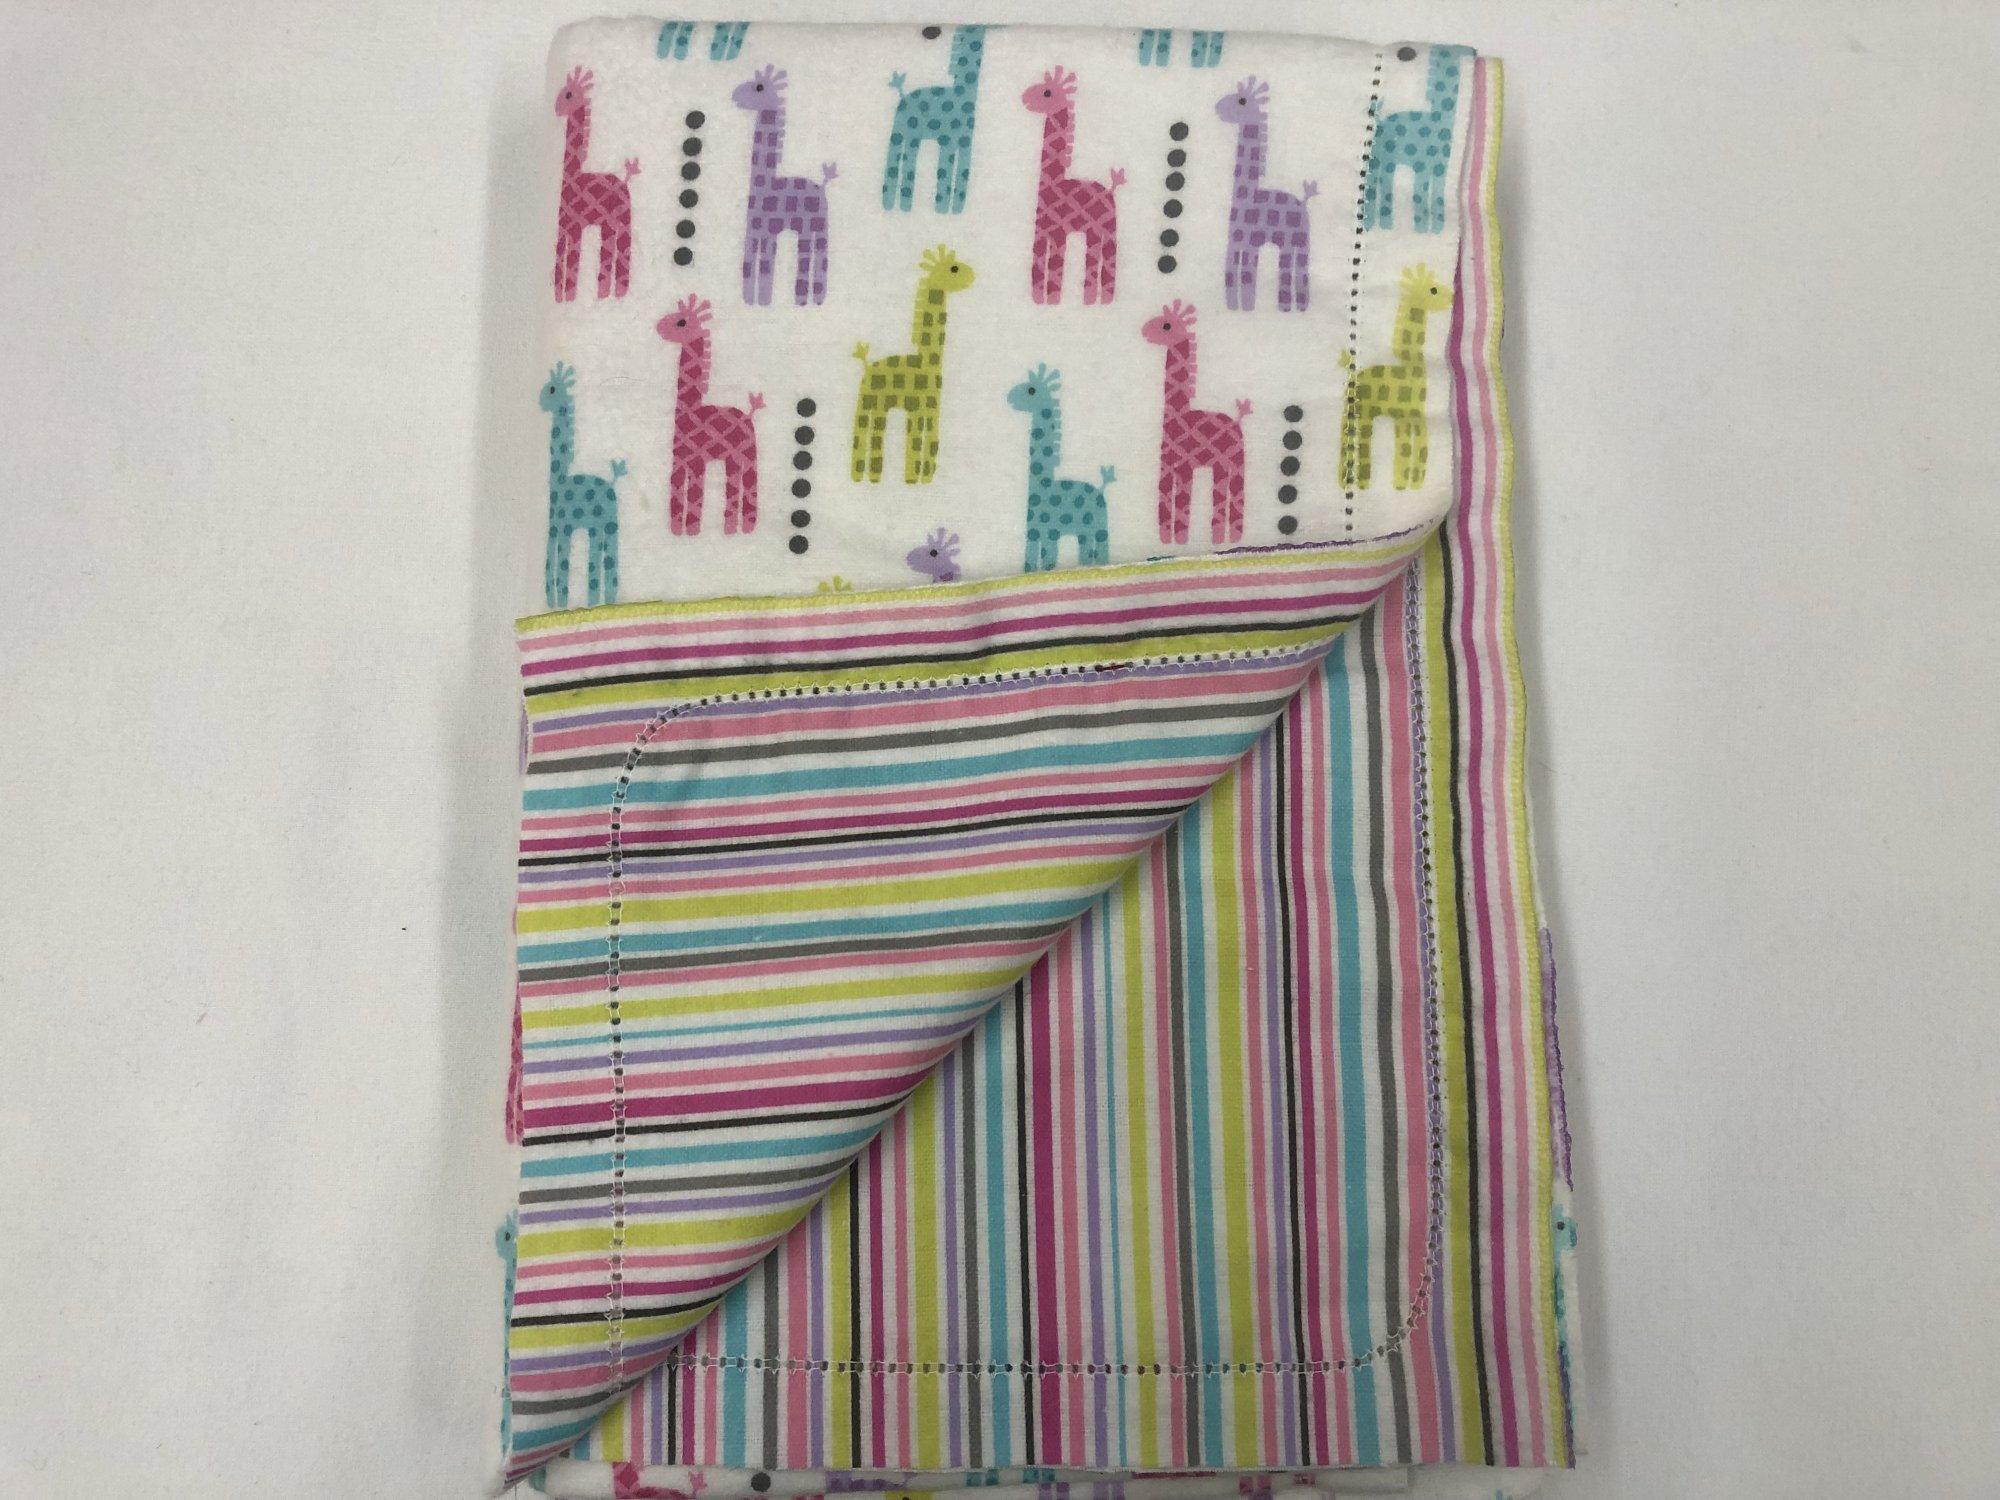 Multi-color giraffe's on white background/multi-color stripes